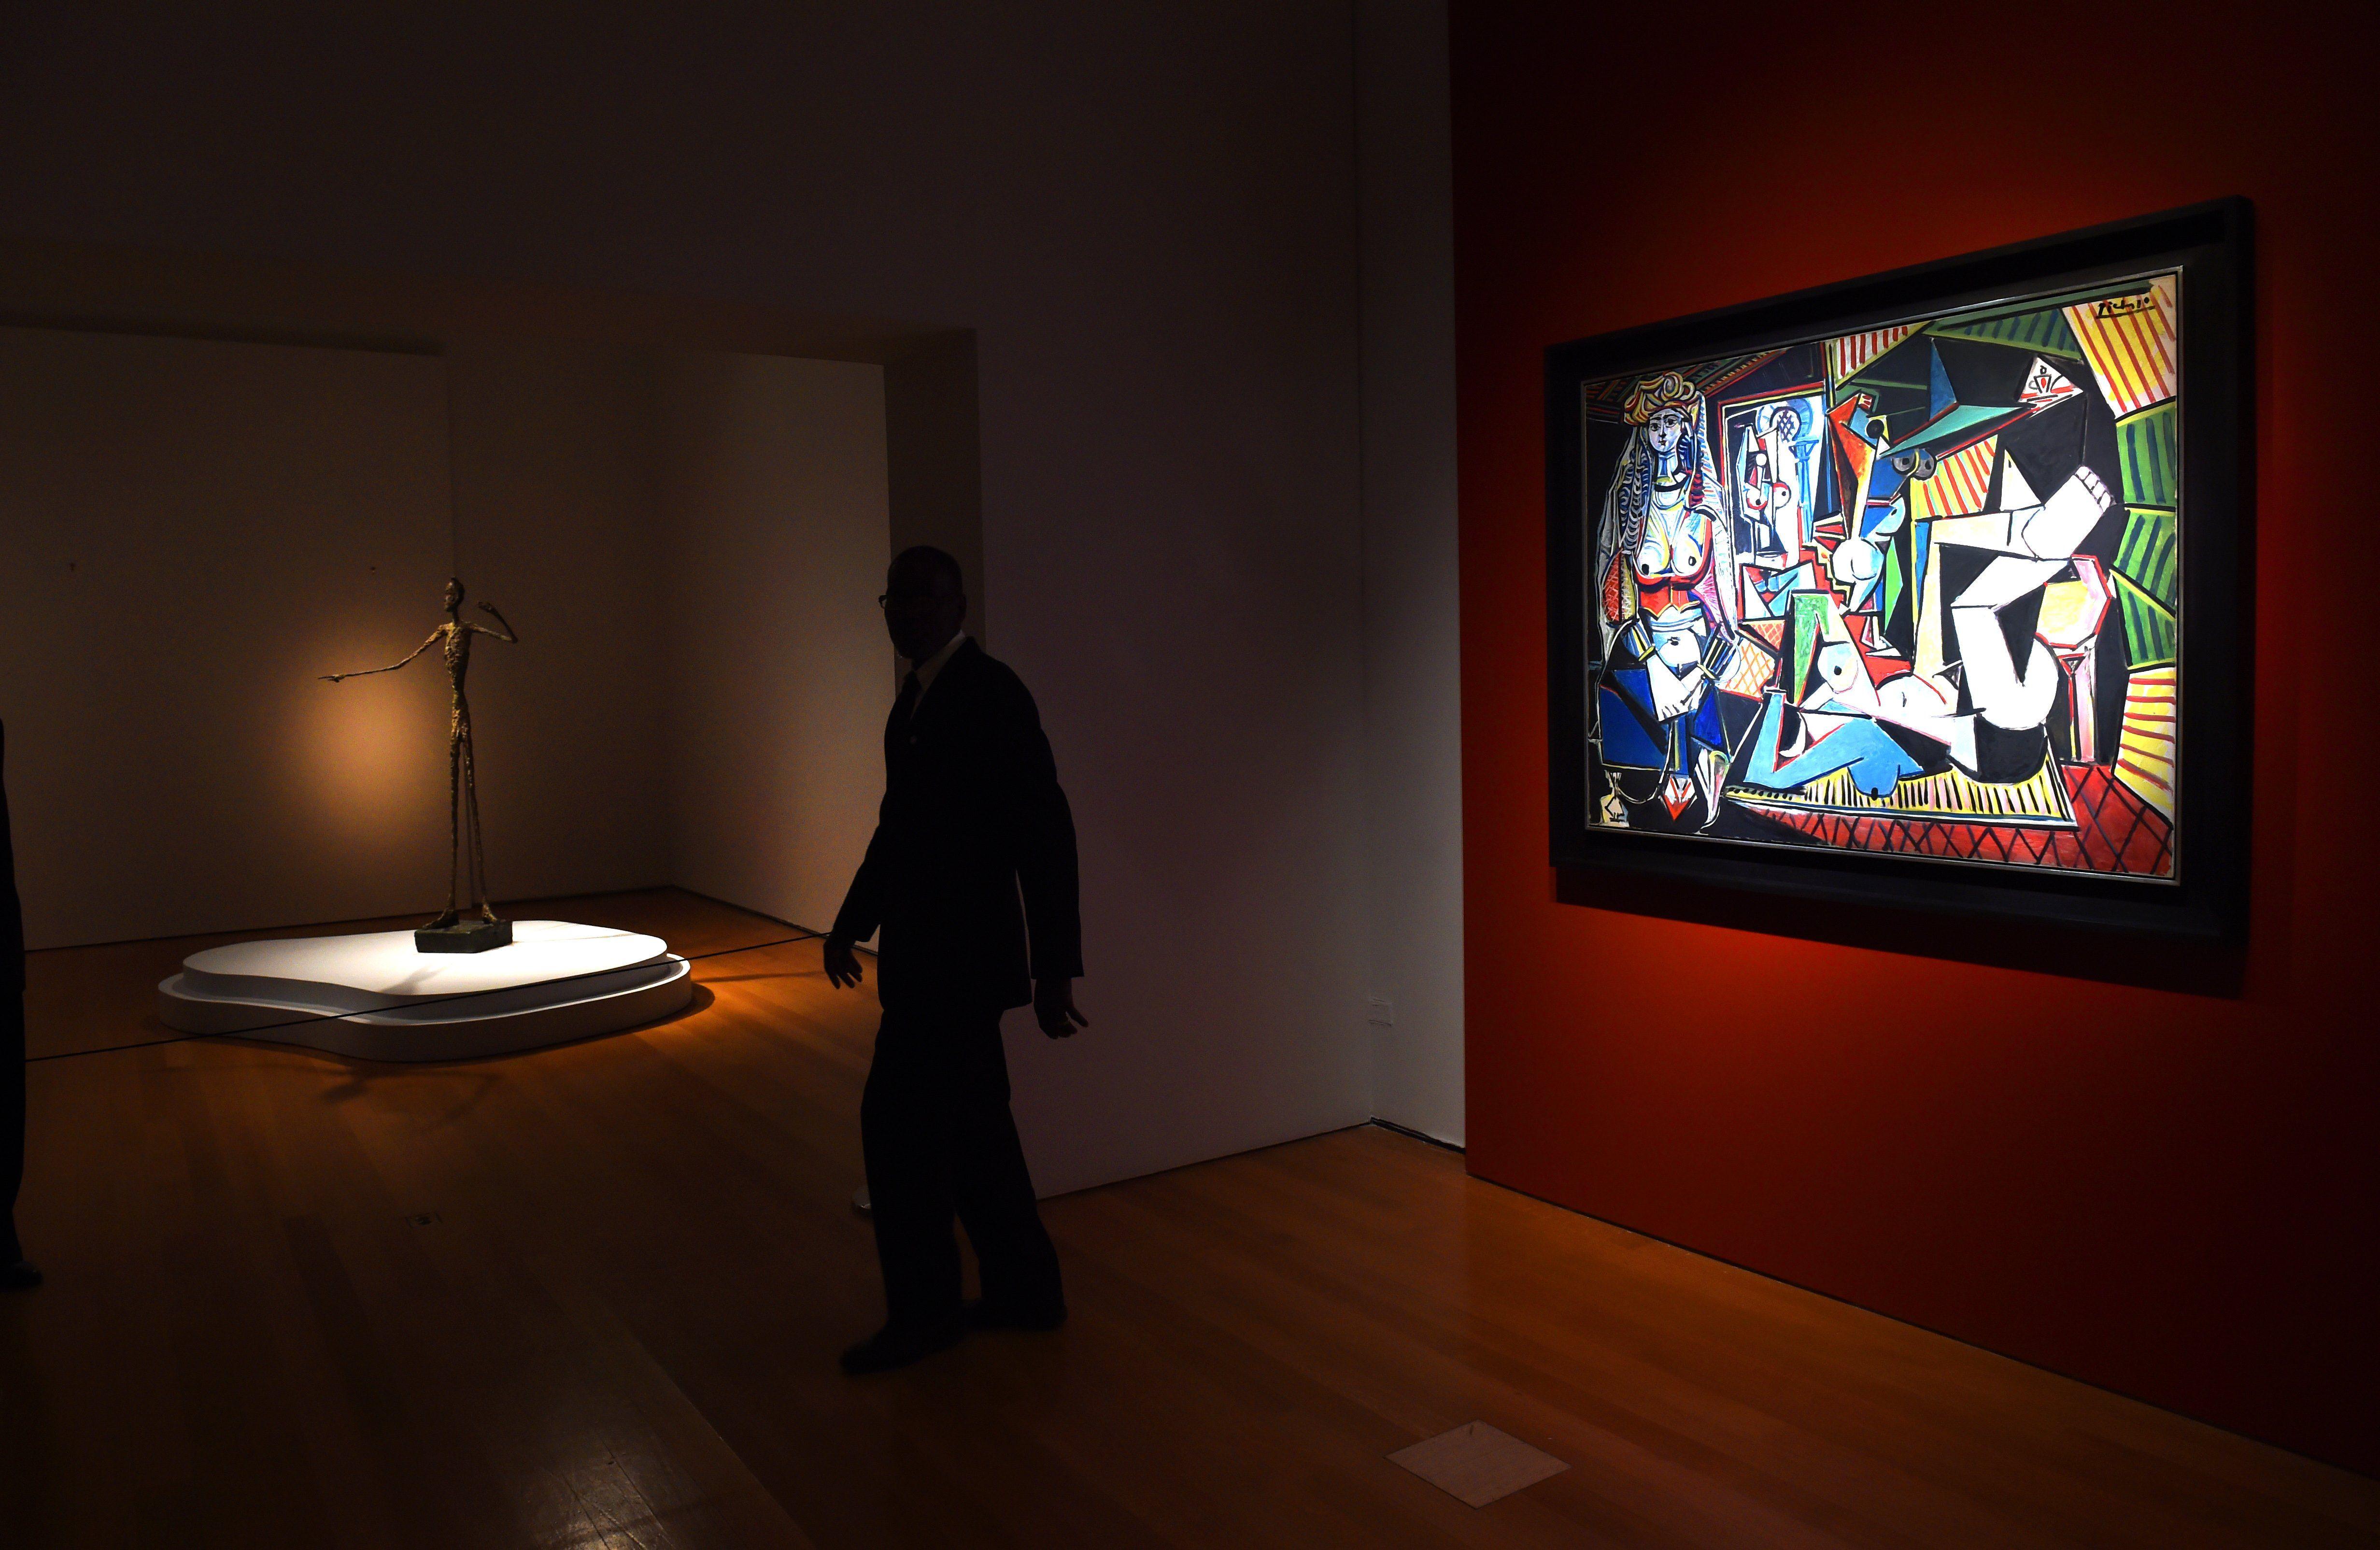 Escultura de Giacometti e quadro de Picasso em exposição